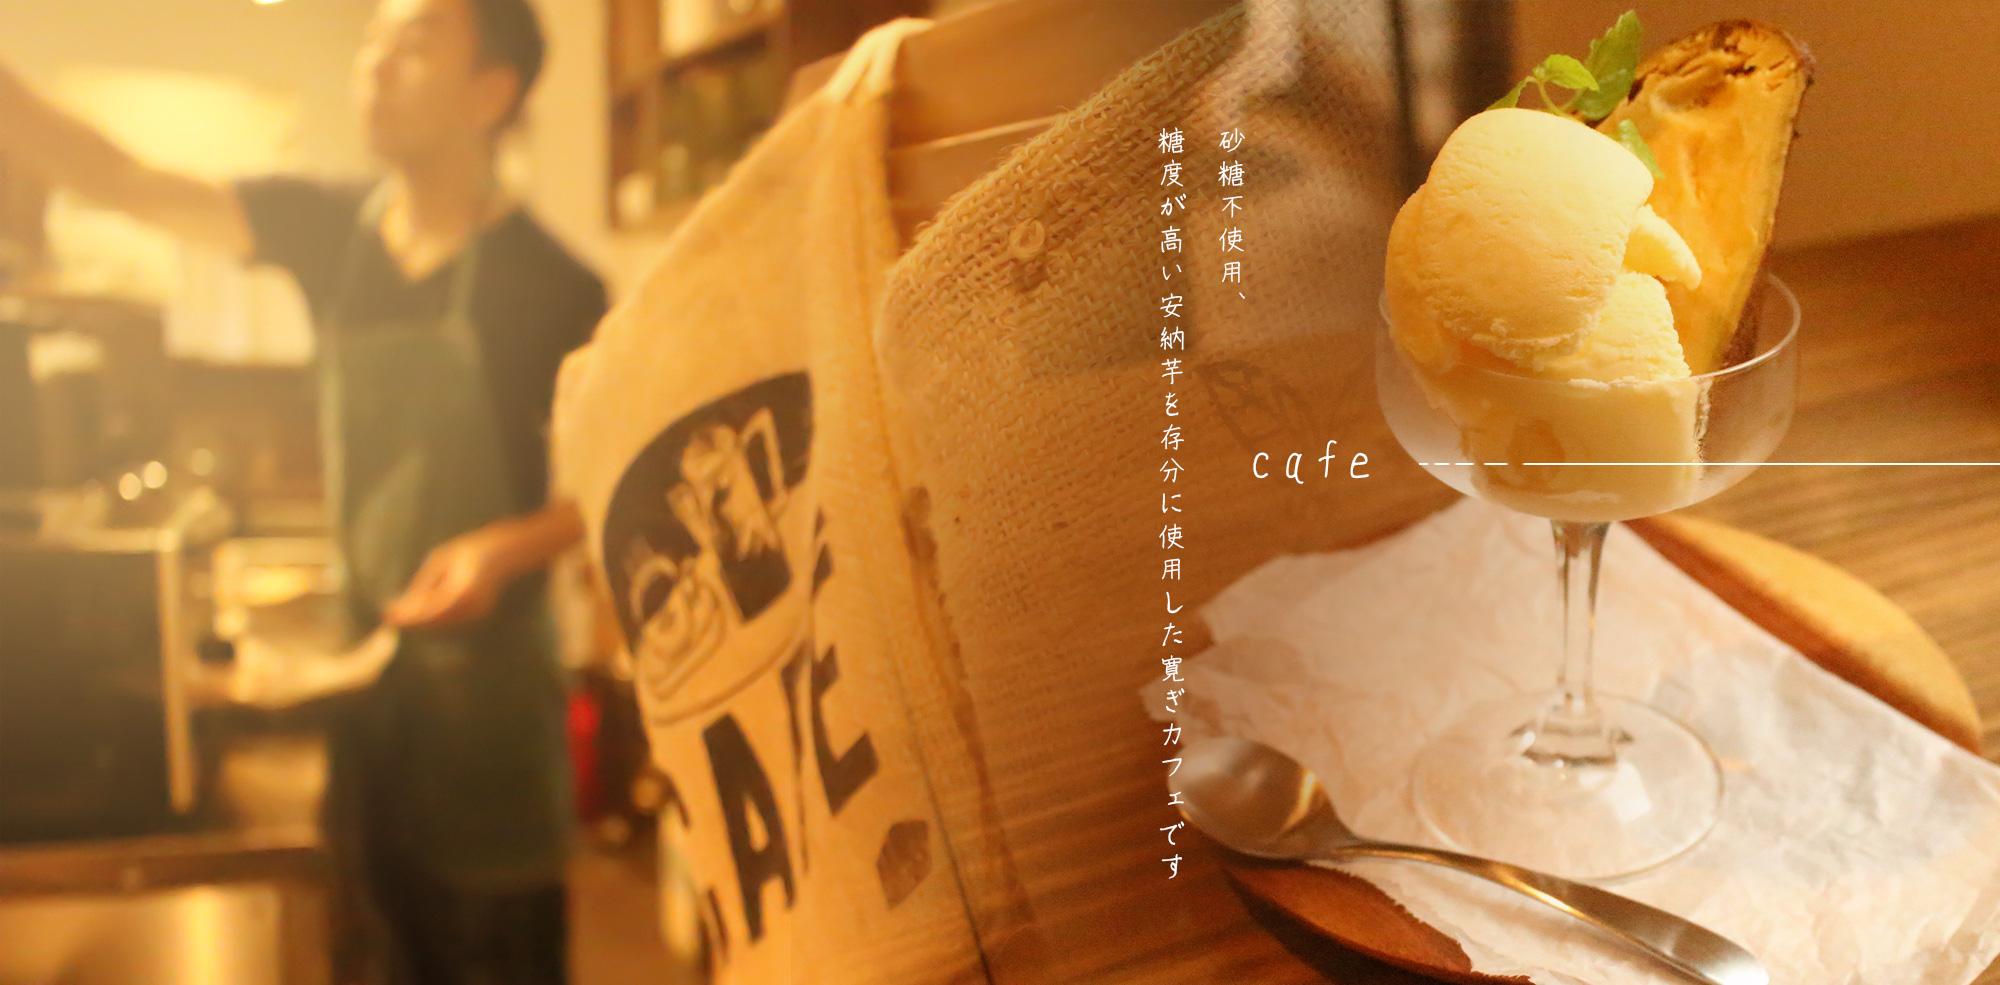 砂糖不使用、糖度が高い安納芋を存分に使用した寛ぎカフェです